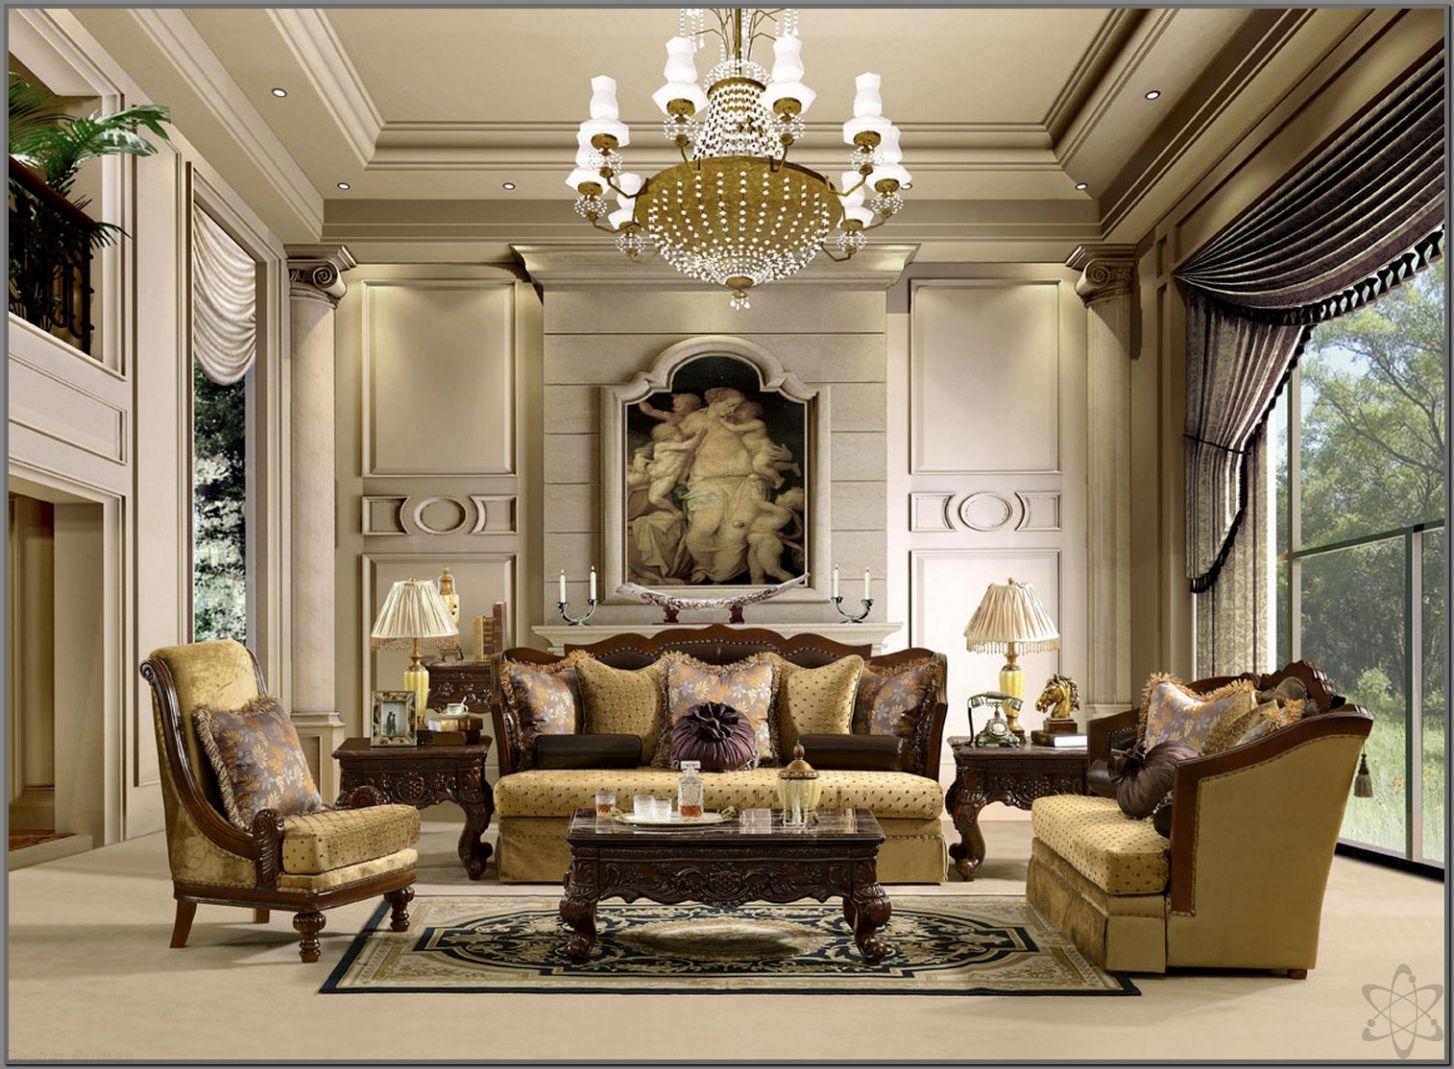 Desain Ruang Keluarga Modern Klasik Check More At Http